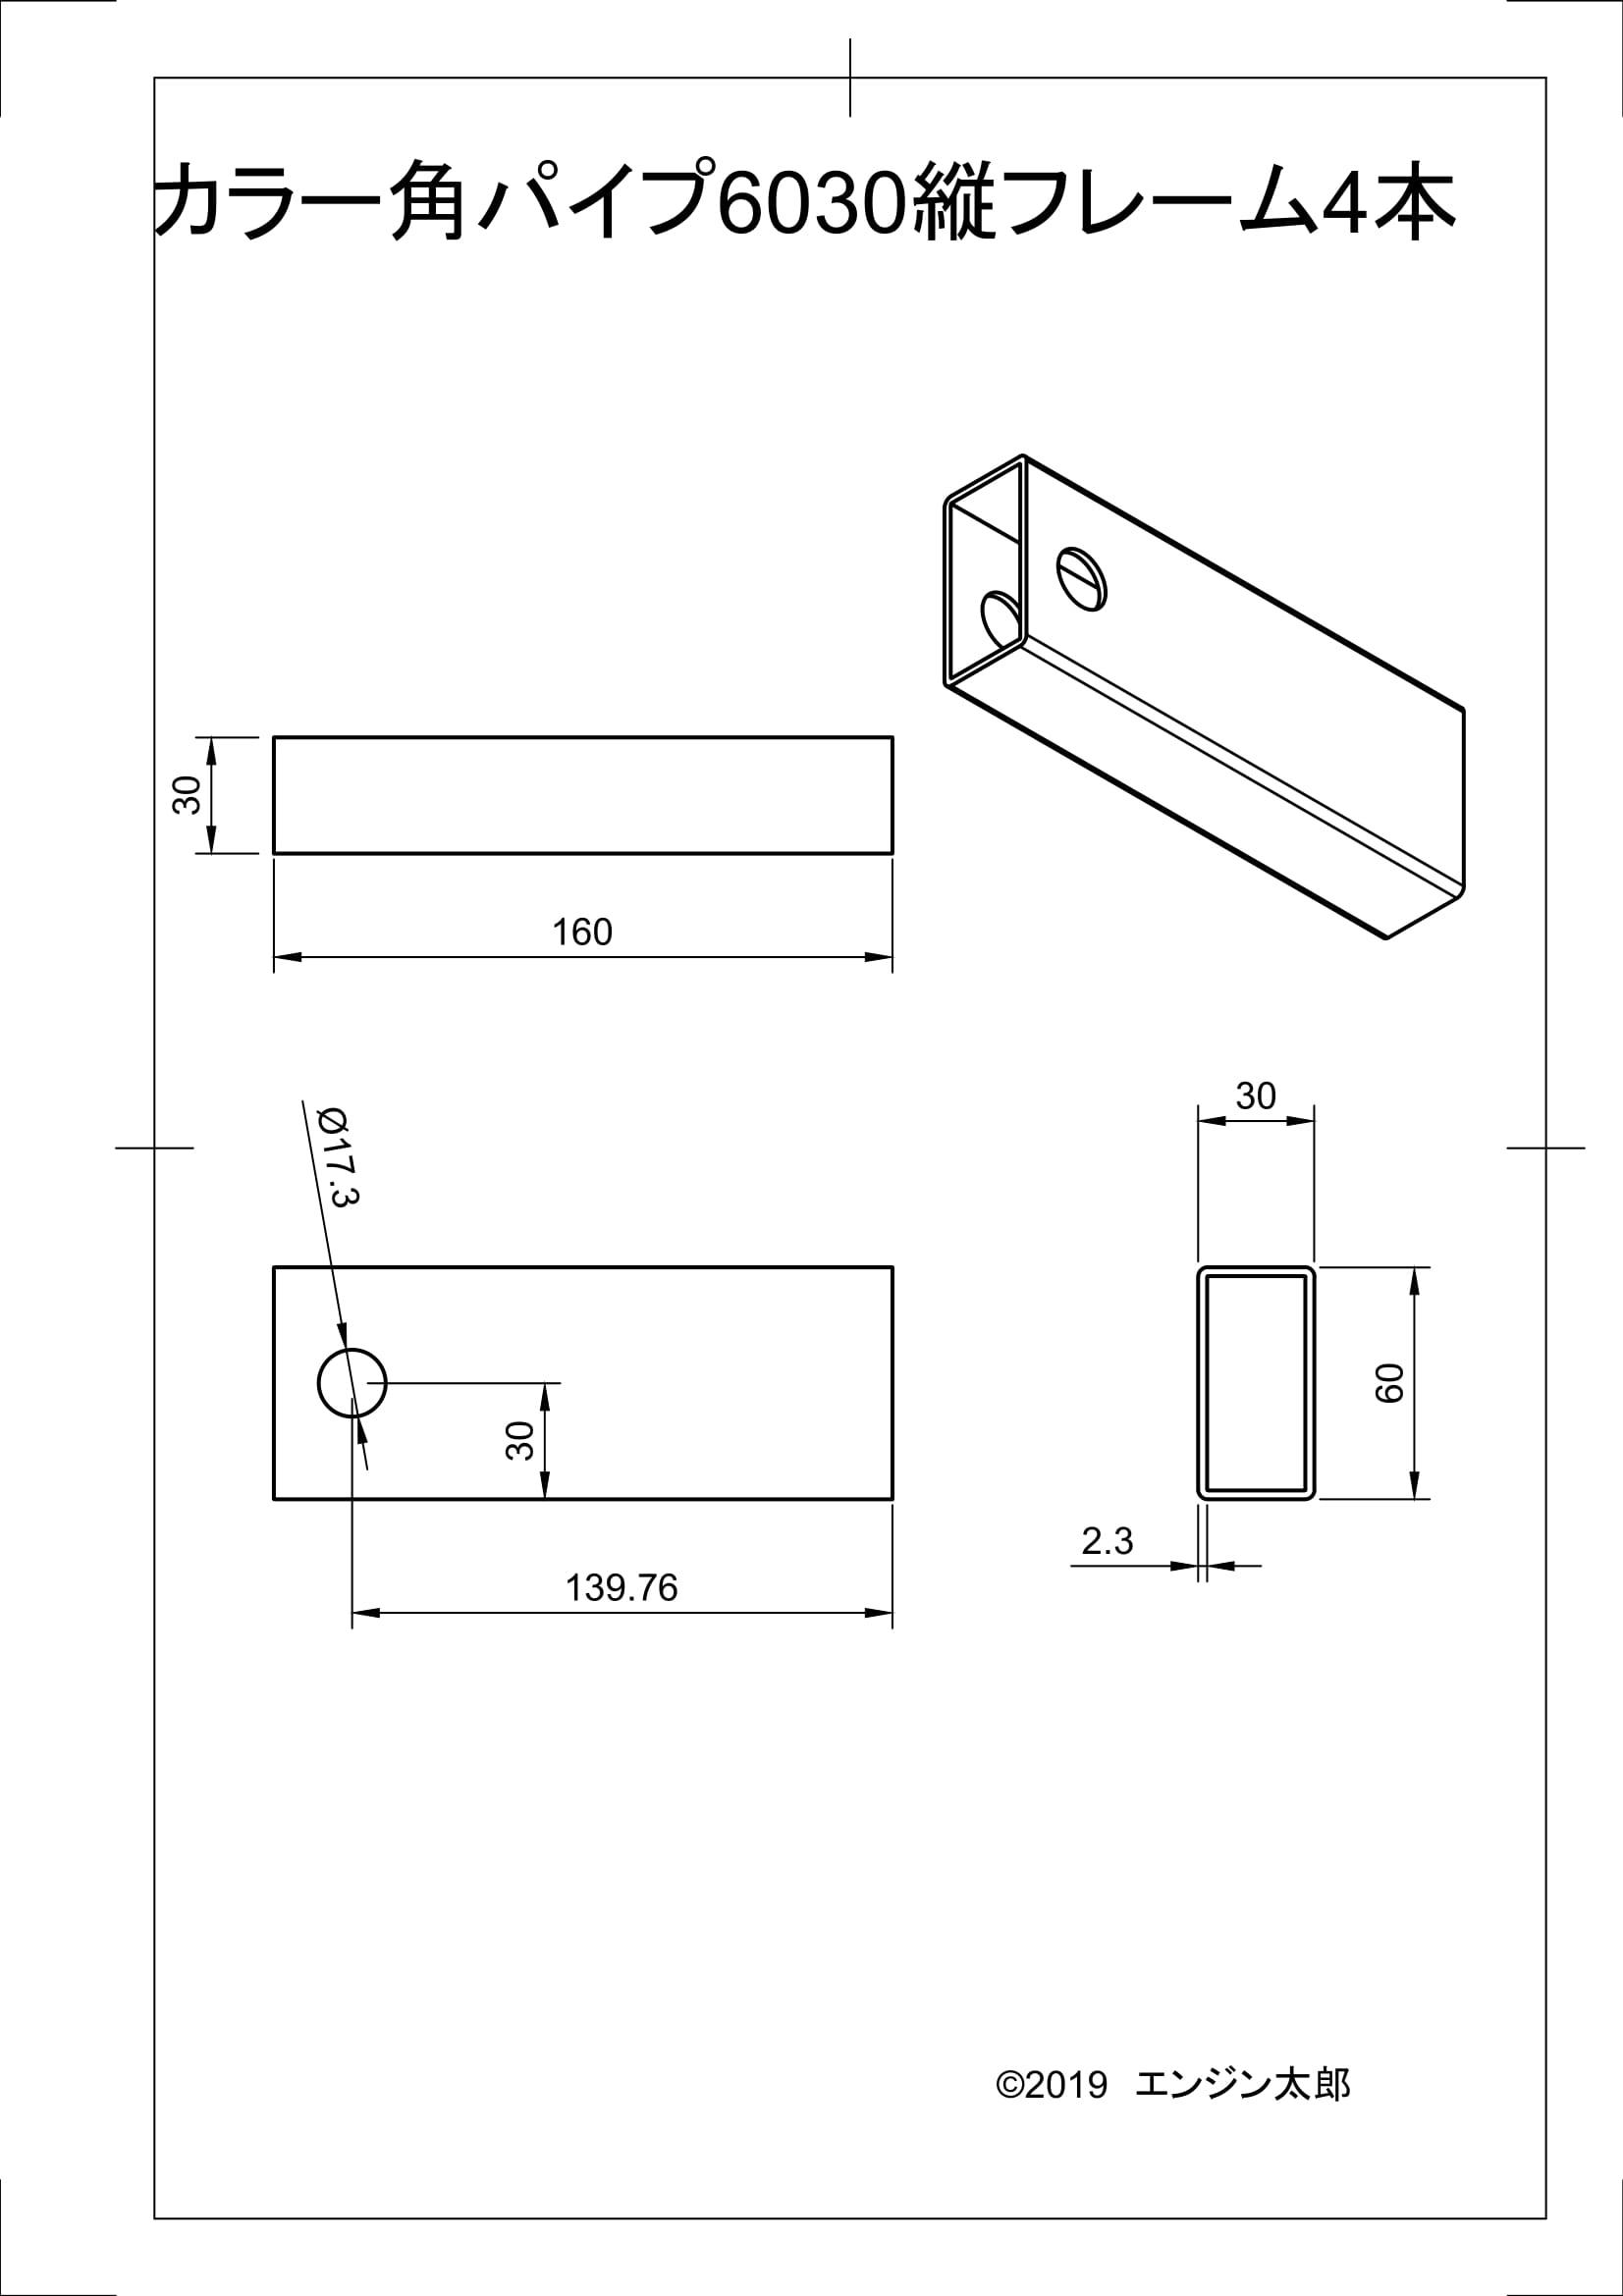 13チューブローラー2_カラー角パイプ6030縦フレームA 図面-1